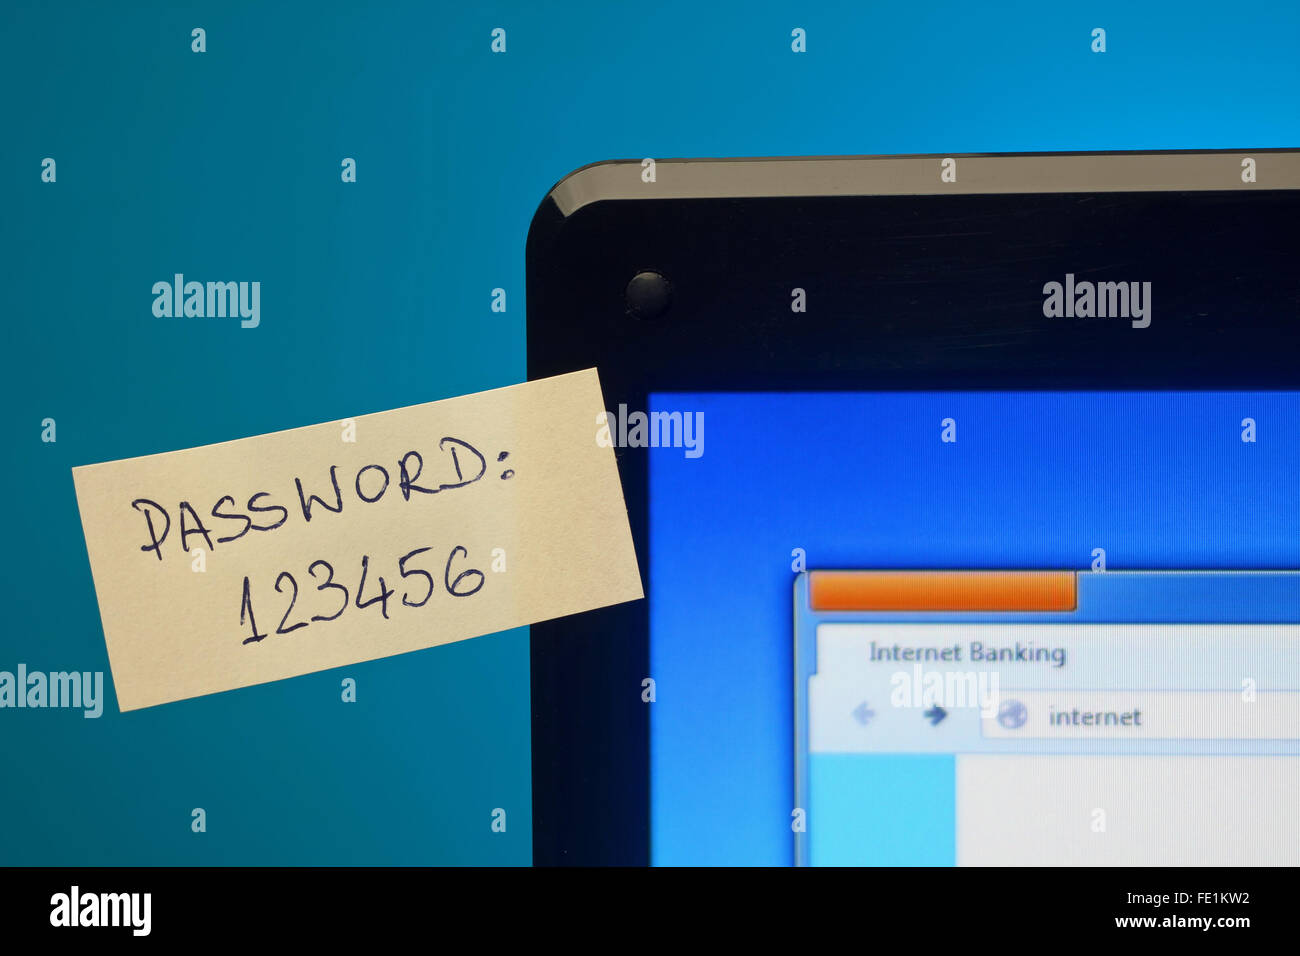 Zu einfach Passwort auf Haftnotizen auf Laptop-Bildschirm. Kennwort im Fokus Stockbild